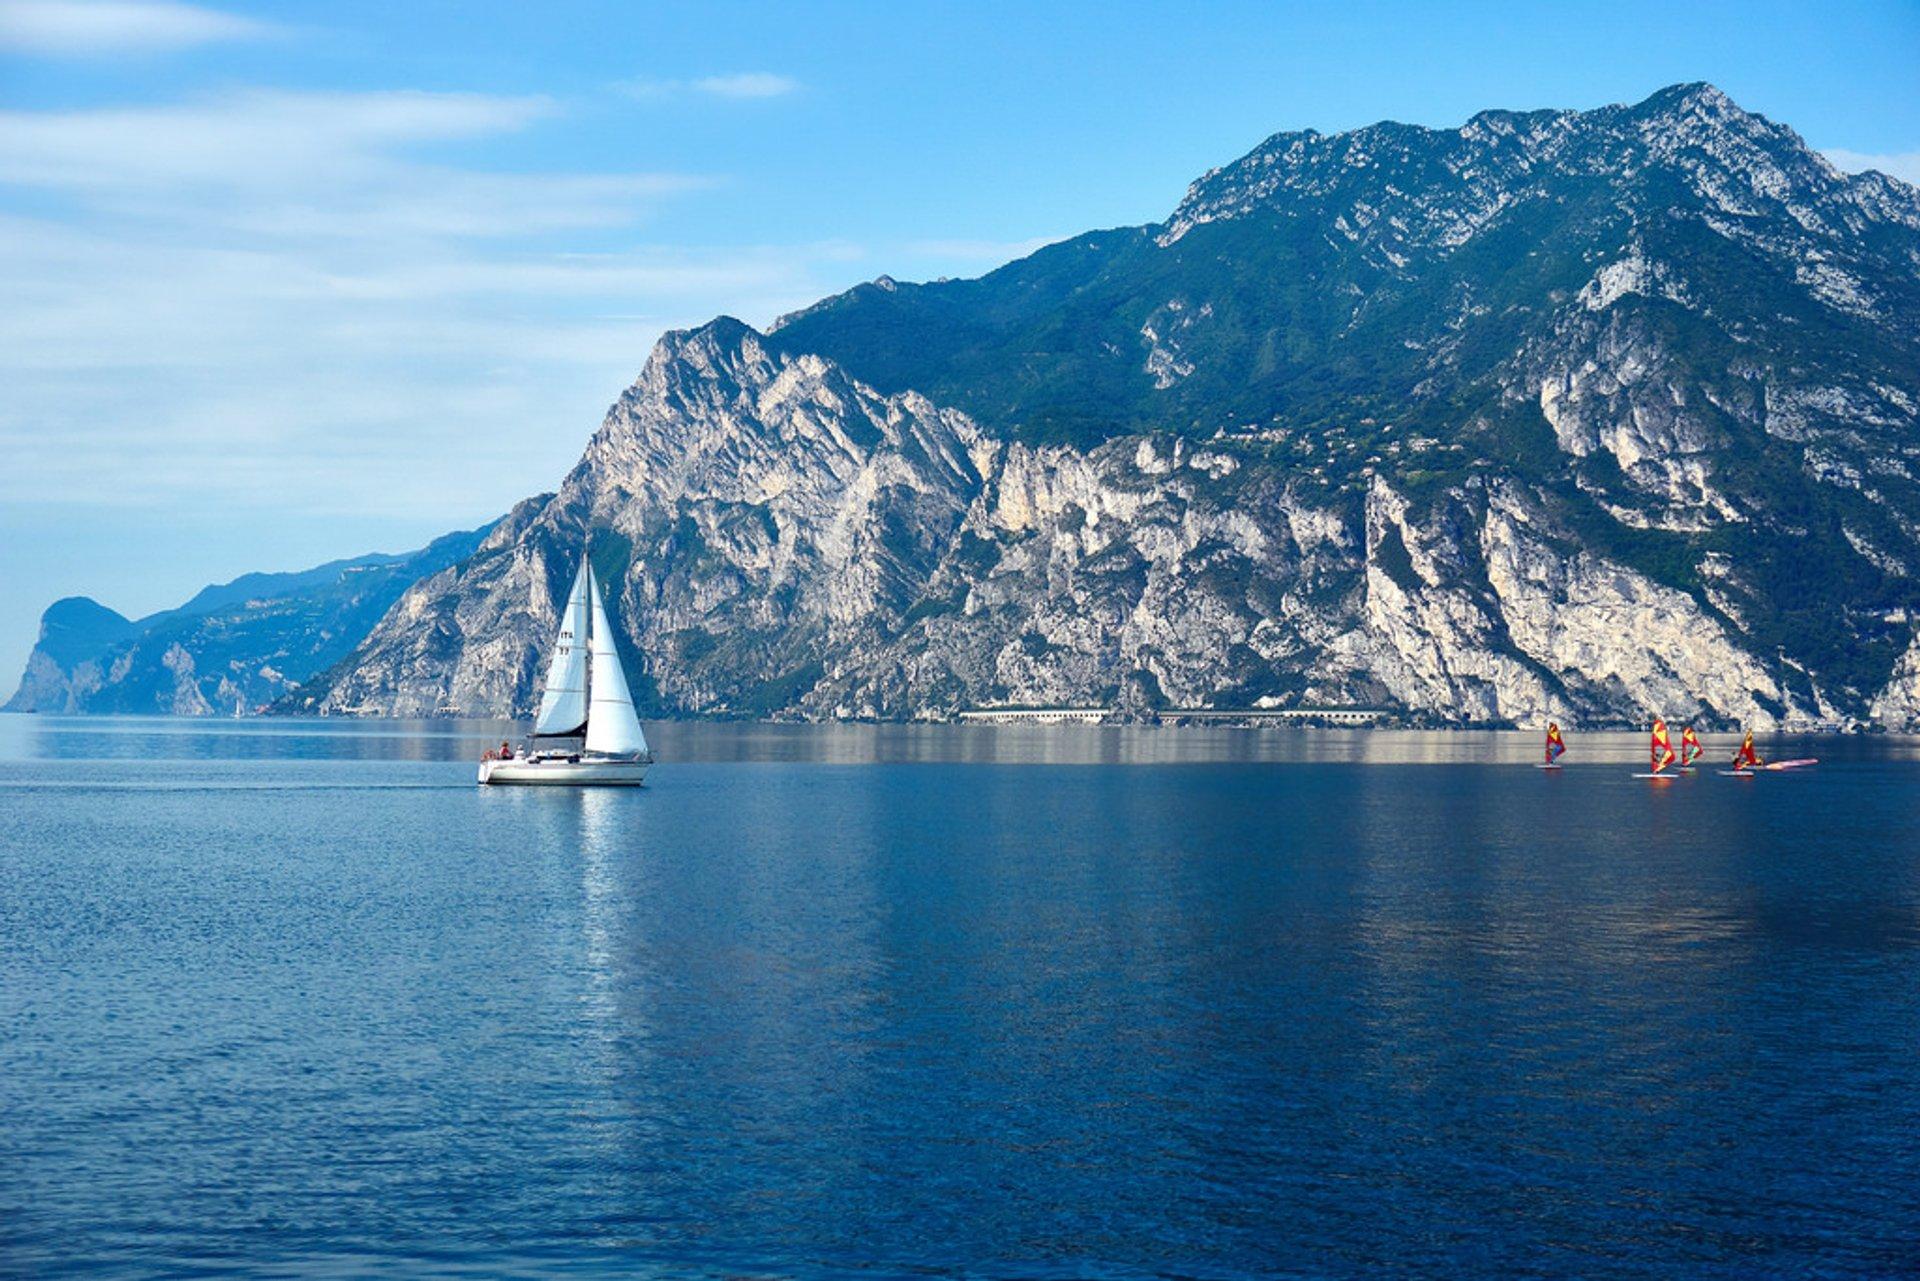 Boating in Lake Garda, Italy 2020